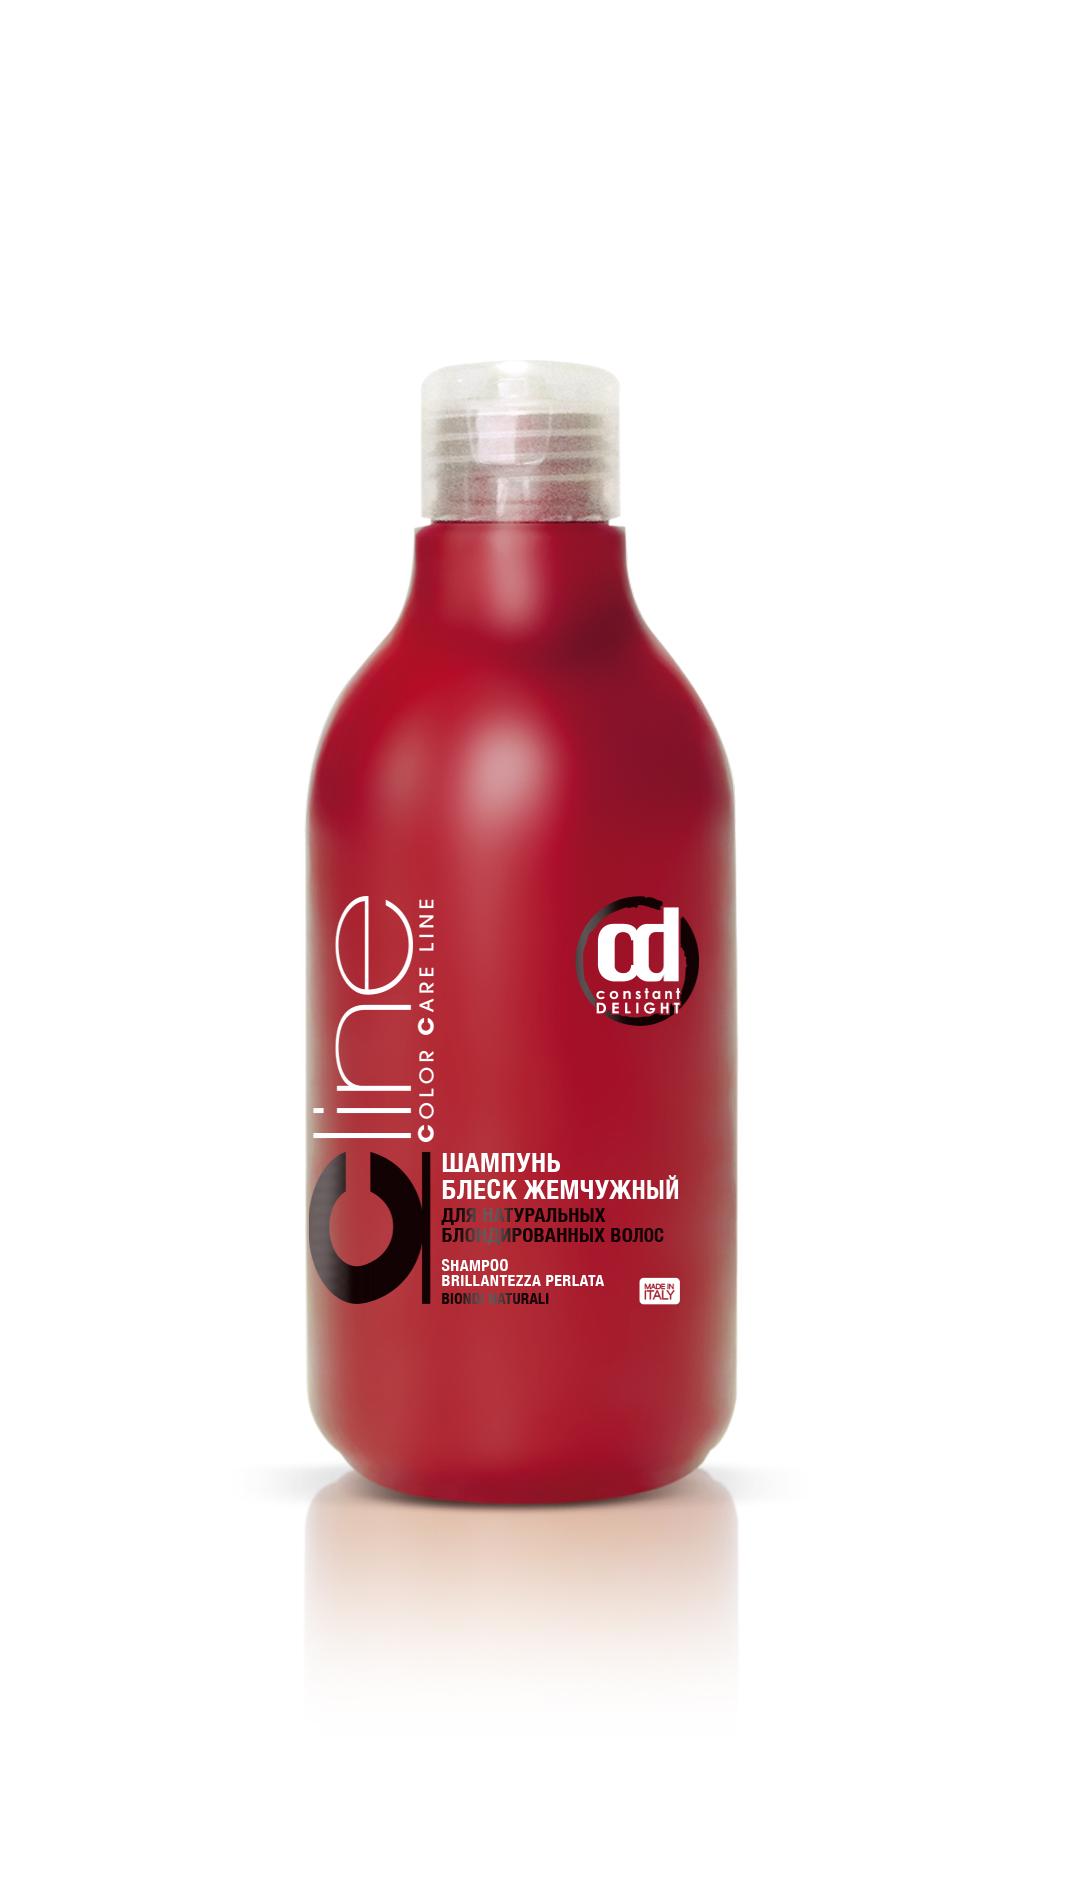 CONSTANT DELIGHT Шампунь блеск жемчужный для натуральных блондированных волос / Color care line 200 млШампуни<br>Мягко очищает и ухаживает за тонкими осветленными и обесцвеченными волосами, придавая им шелковистость. Деликатно нейтрализует нежелательный желтый оттенок без изменения исходного цвета волос. Поддерживает холодное направление тона. Вследствие наличия холодных пигментов в составе после применения шампуня цвет волос становится более ярким и насыщенным. Благодаря кремовой консистенции шампуня волосы принимают роскошную ванну из обильной пены. Активные ингредиенты: ухаживающая и очищающая формула, холодные пигменты<br>